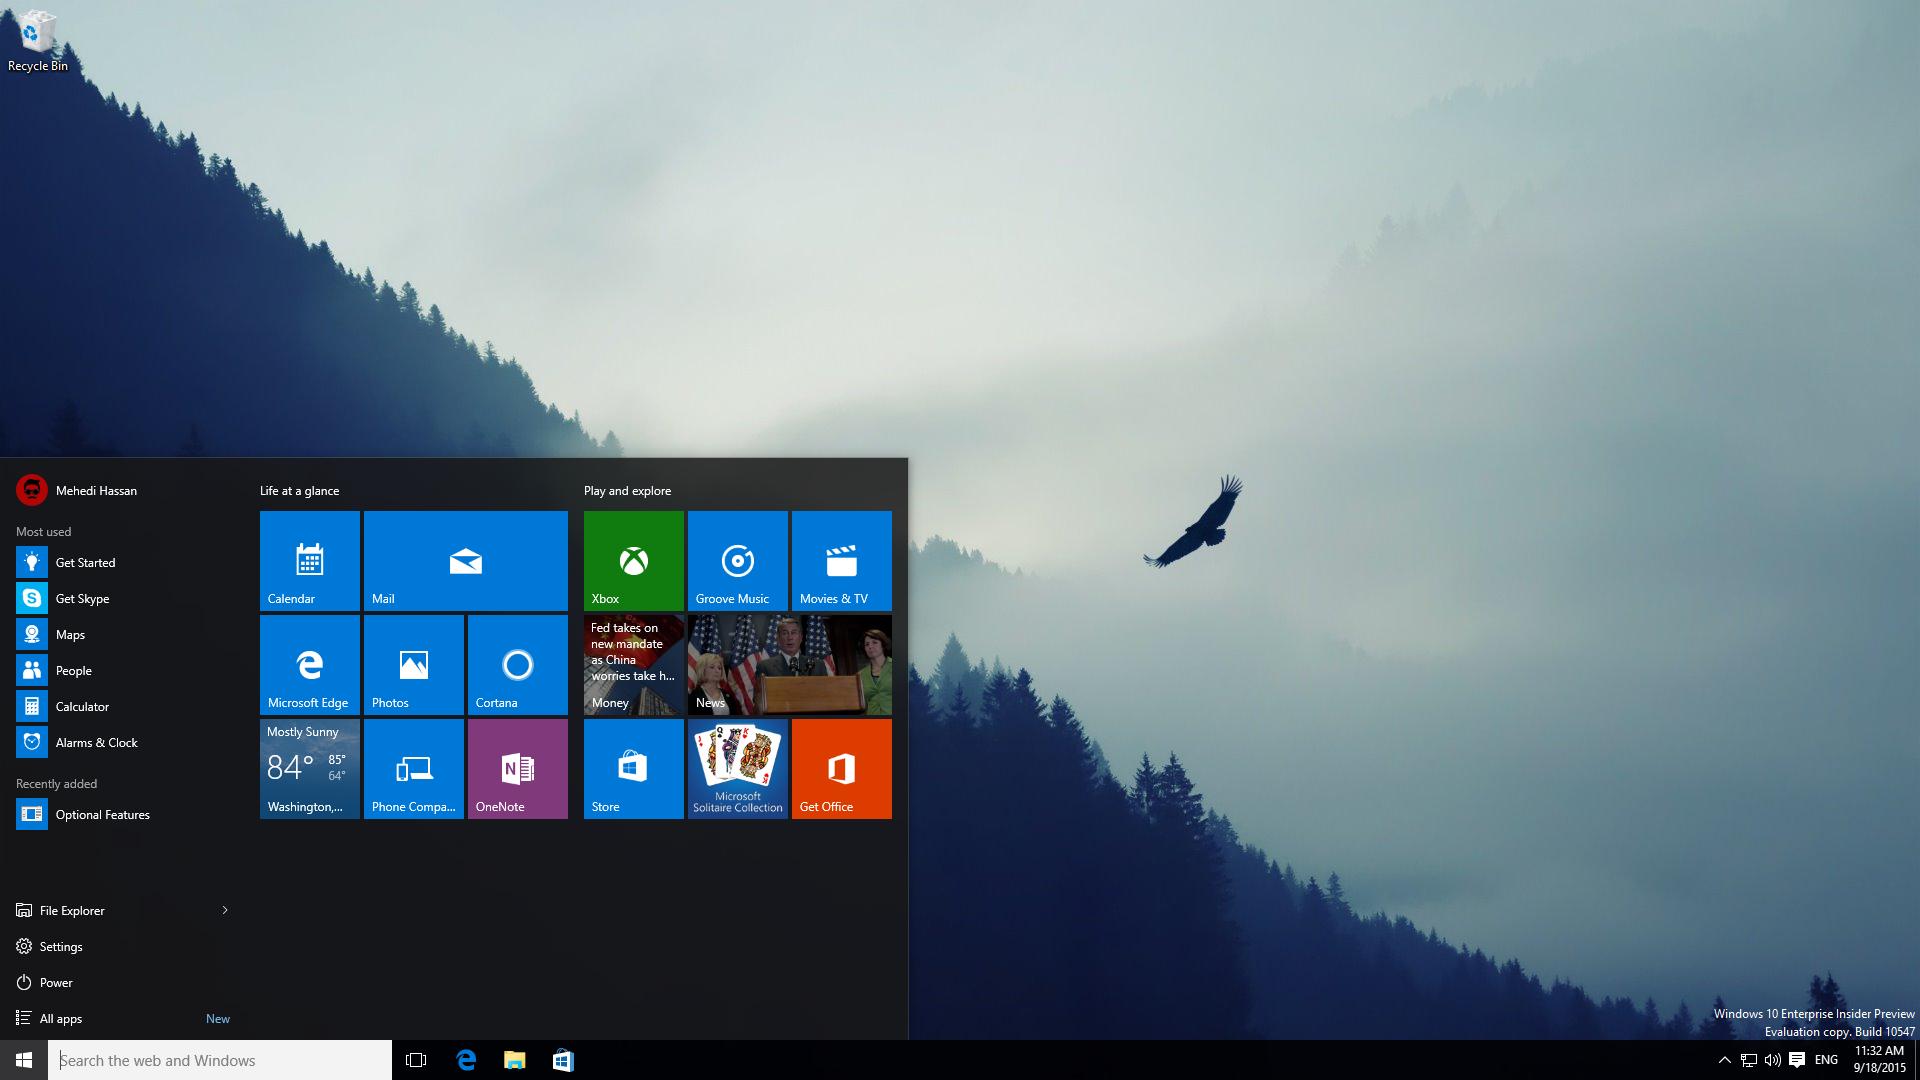 Gallery: Windows 10 Build 10547